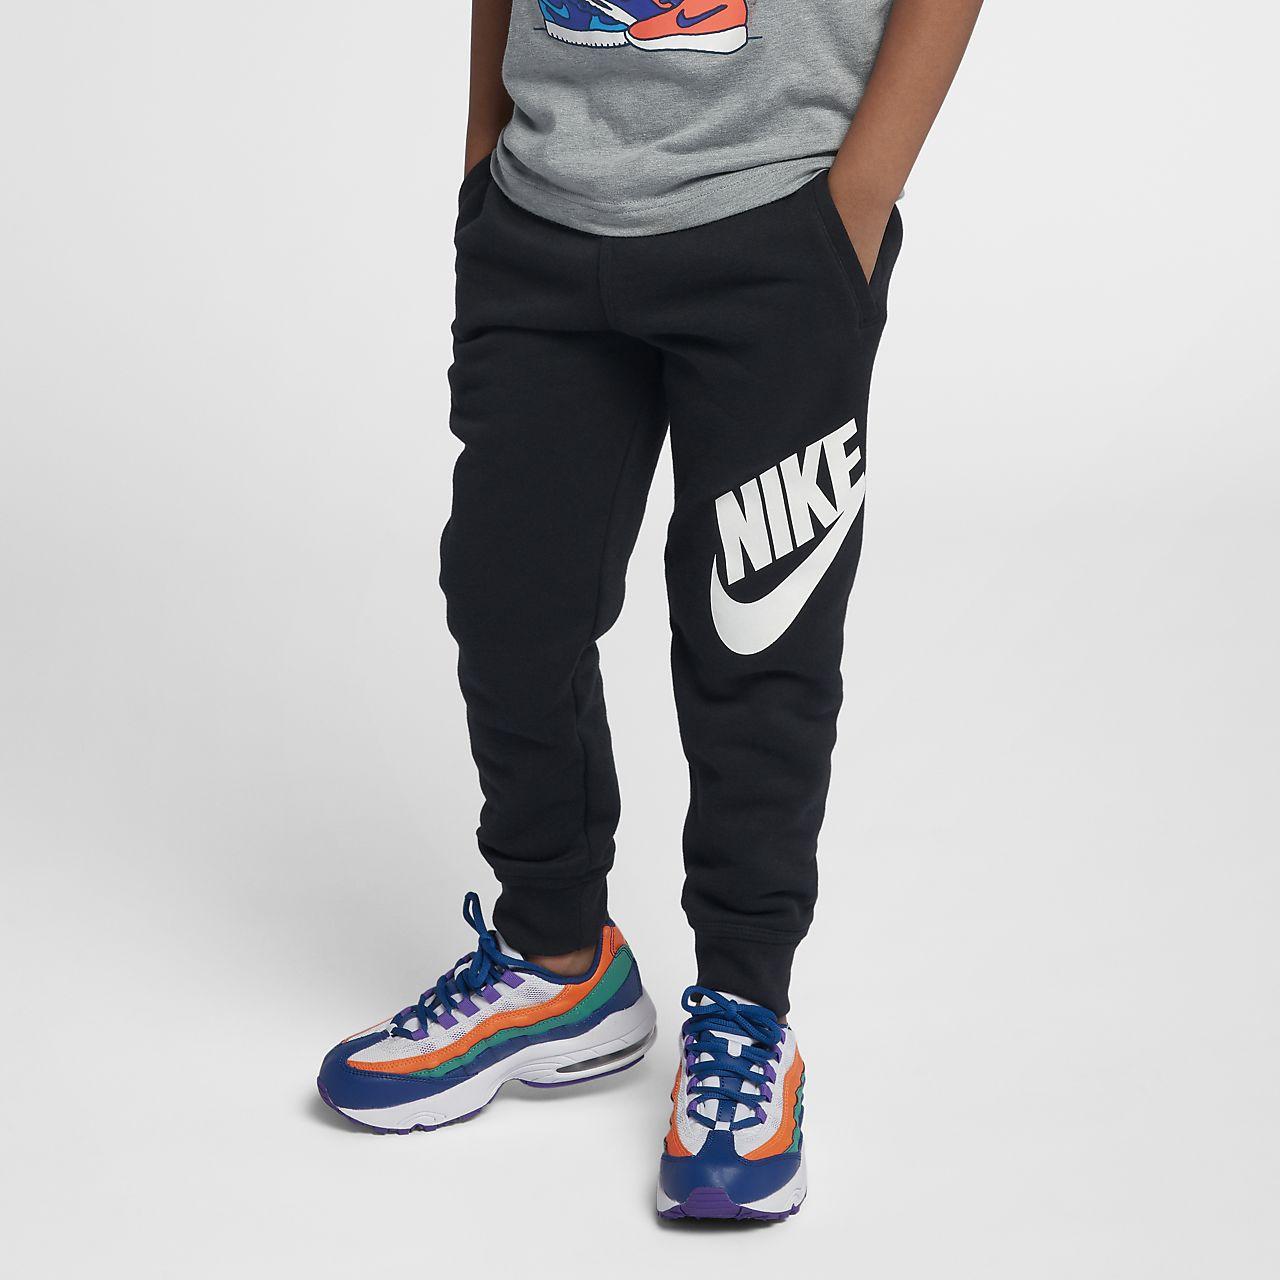 Spodnie dla małych dzieci Nike